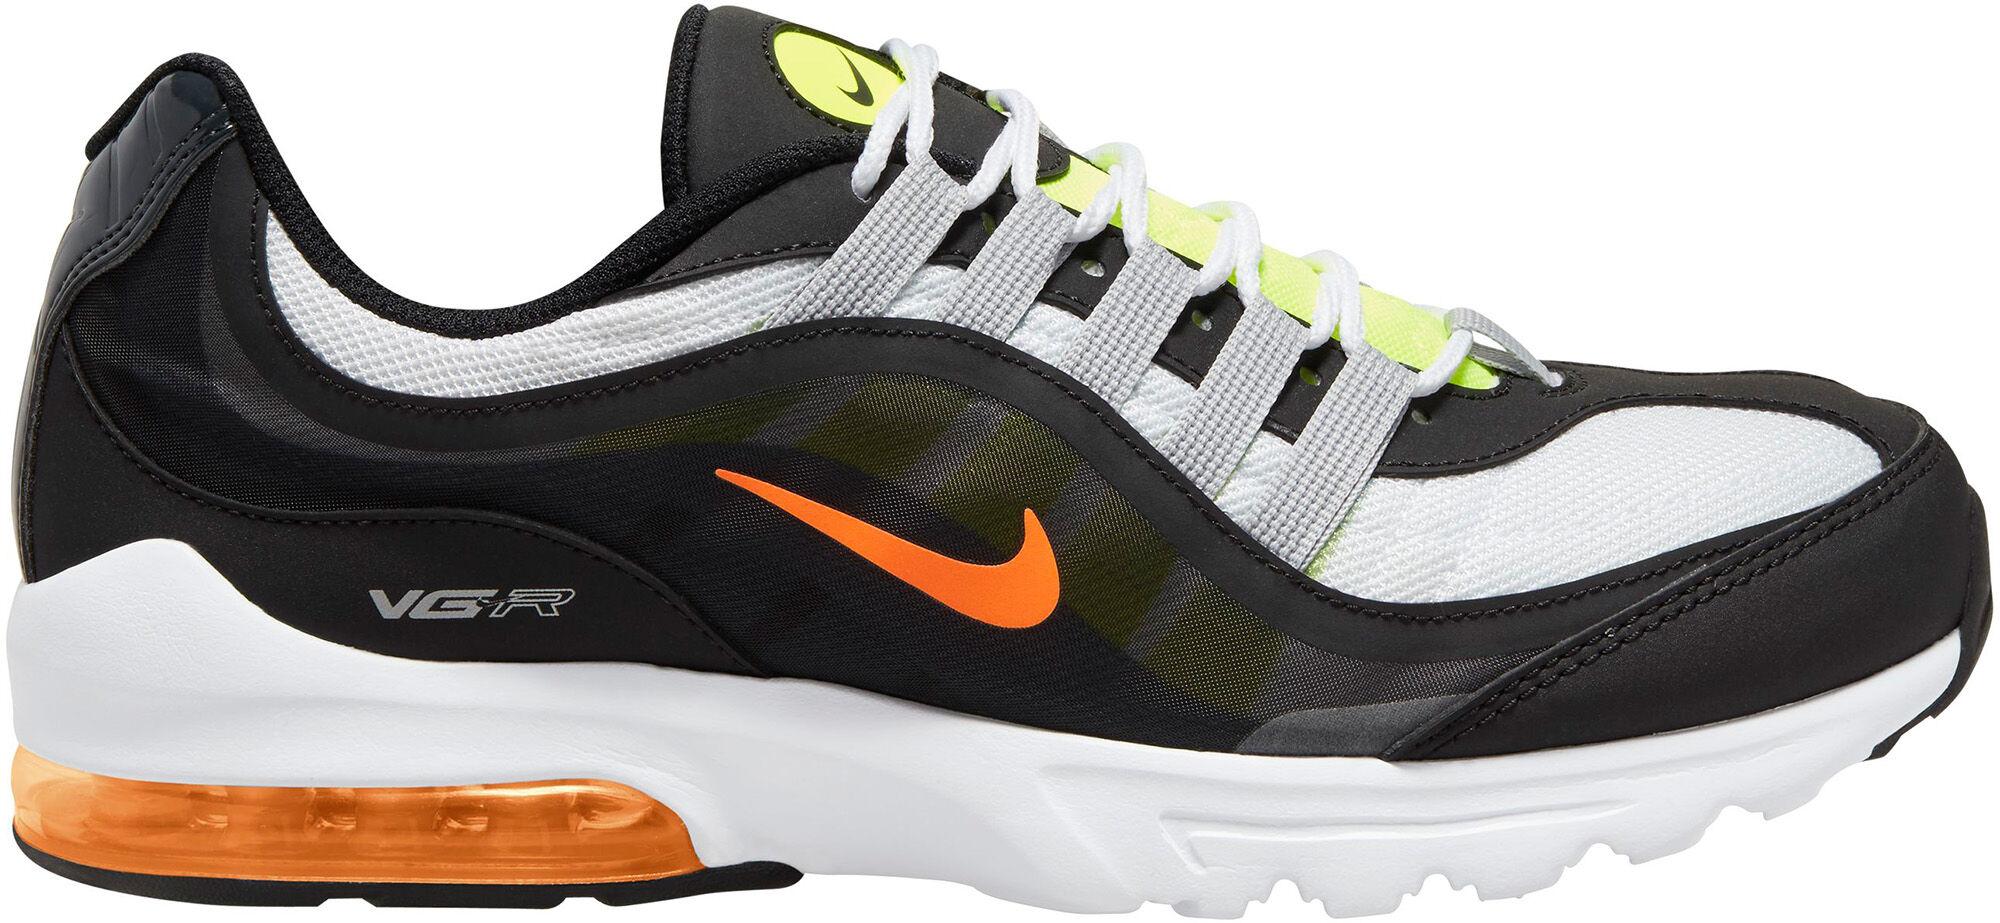 Nike Heren schoenen kopen? Bekijk de nieuwste collectie